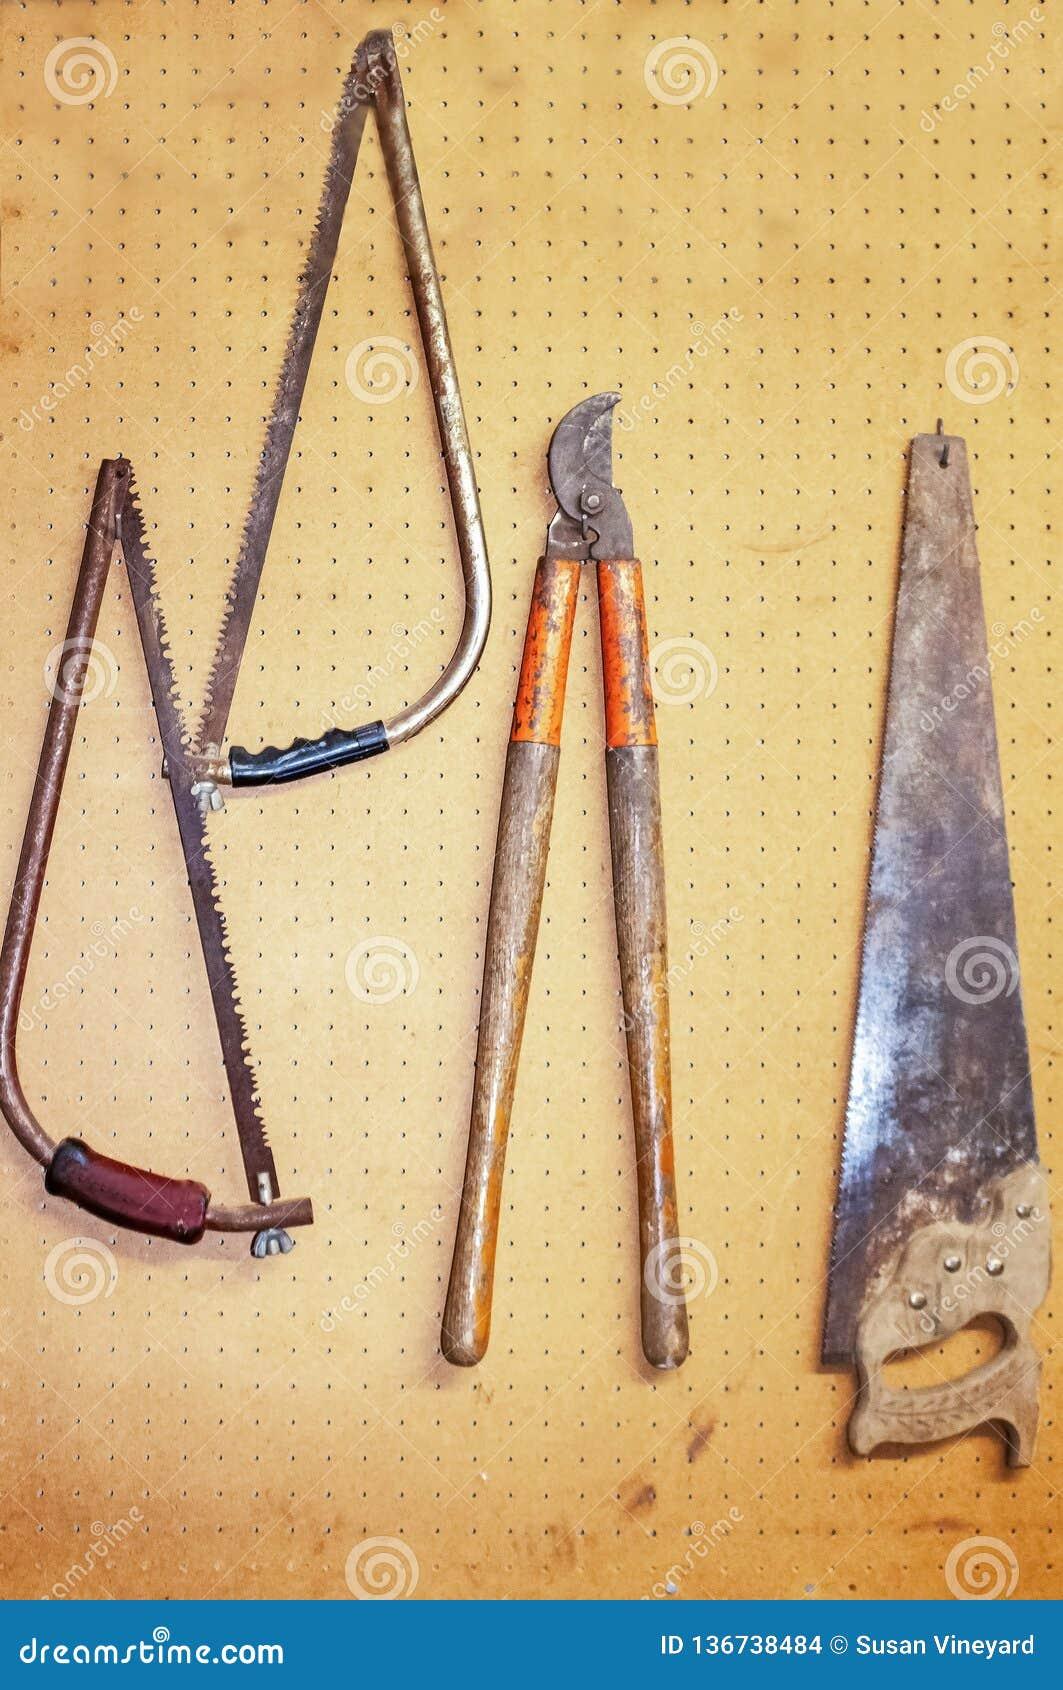 Roestige oude hulpmiddelen die op een pegboard in een woongarage met inbegrip van zagen en een lidmaatsnijder hangen